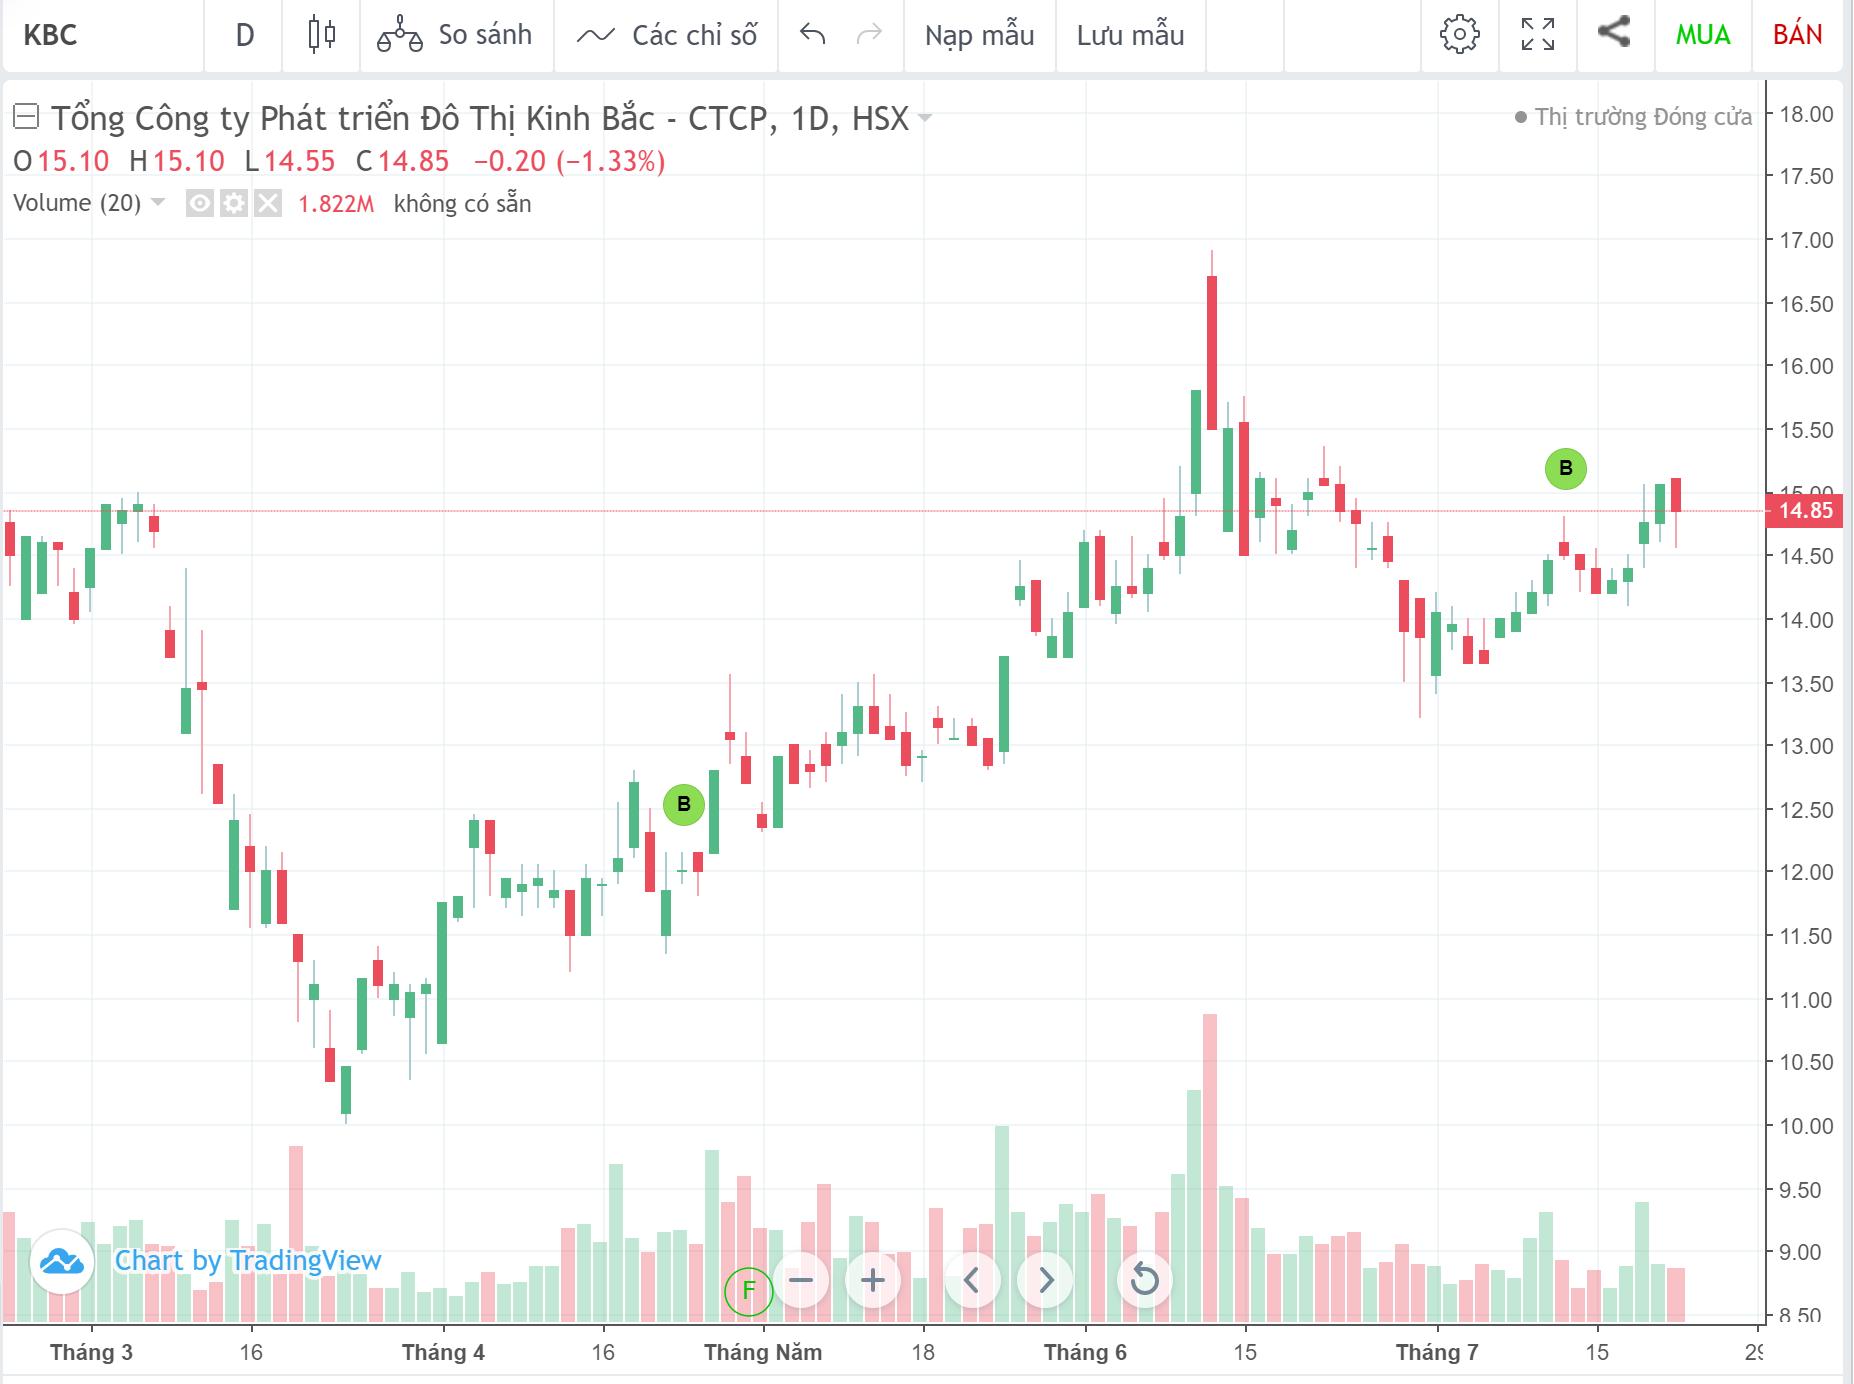 Cổ phiếu tâm điểm ngày 23/7: KBC, STB, VCB, HAH - Ảnh 2.